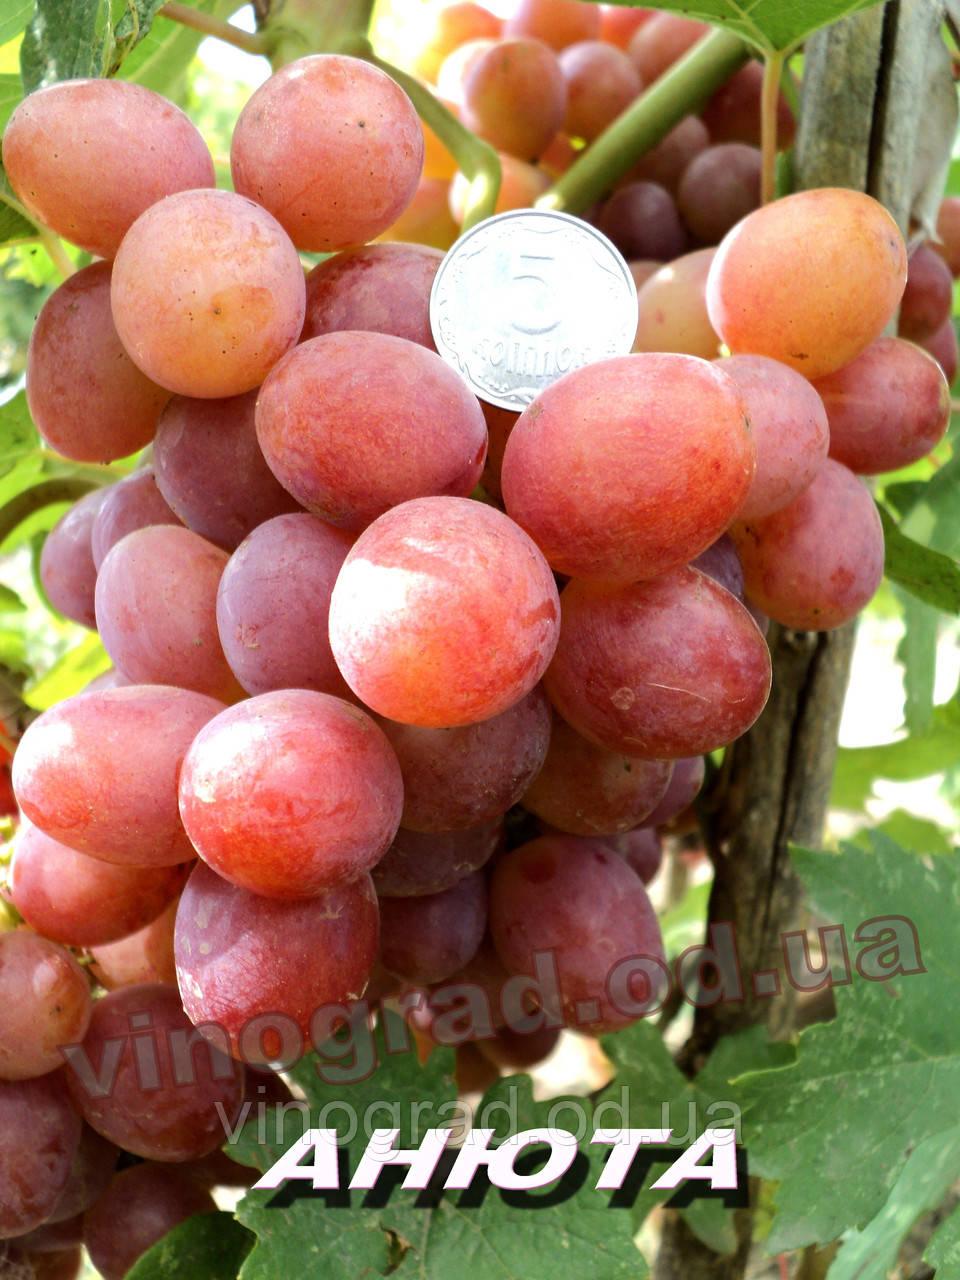 Саженцы винограда средне-позднего срока созревания сорта Анюта